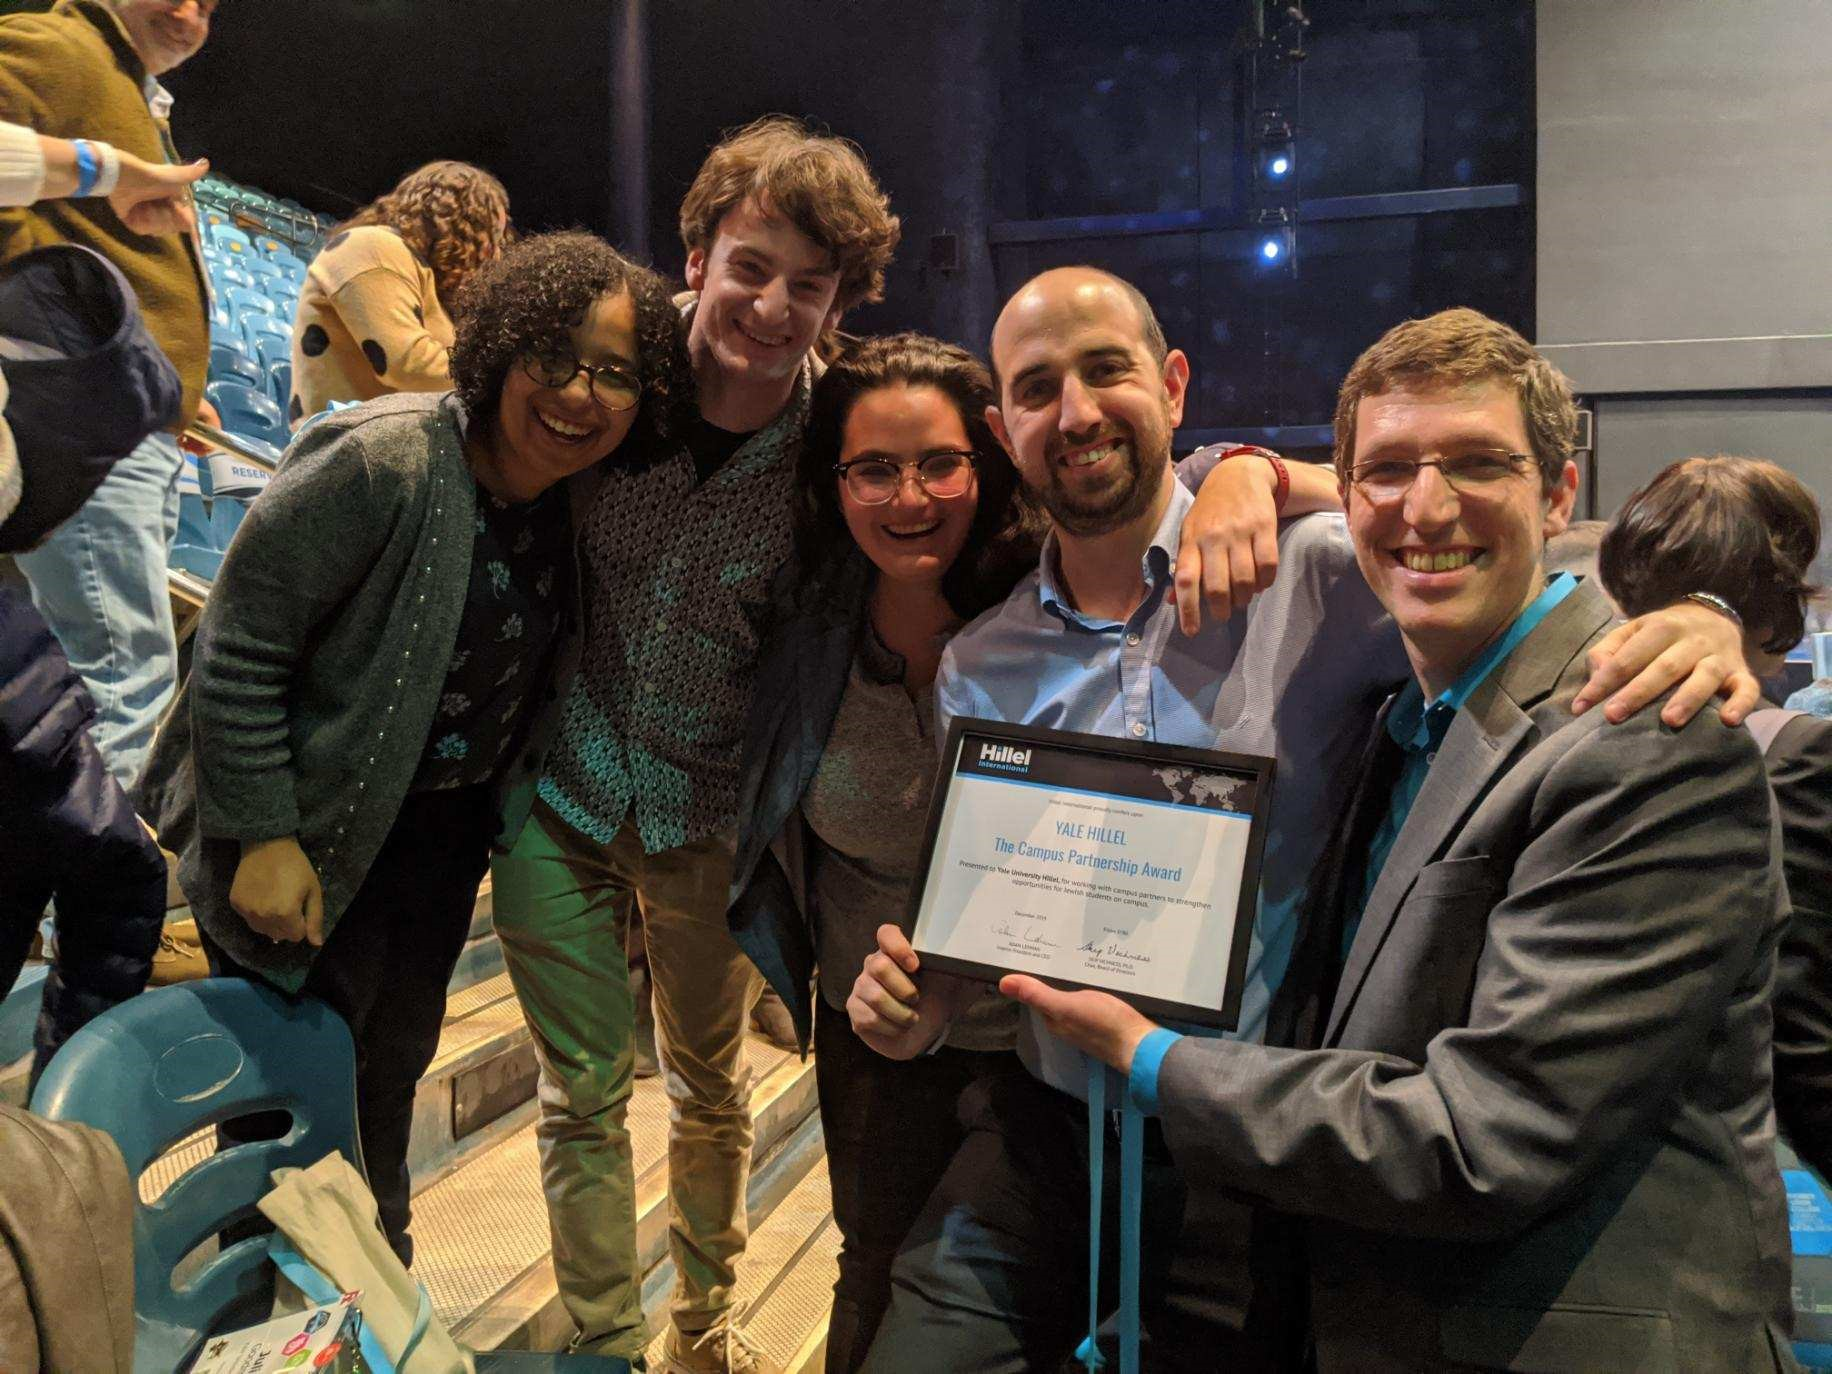 Slifka Center Awarded The Campus Partnership Award